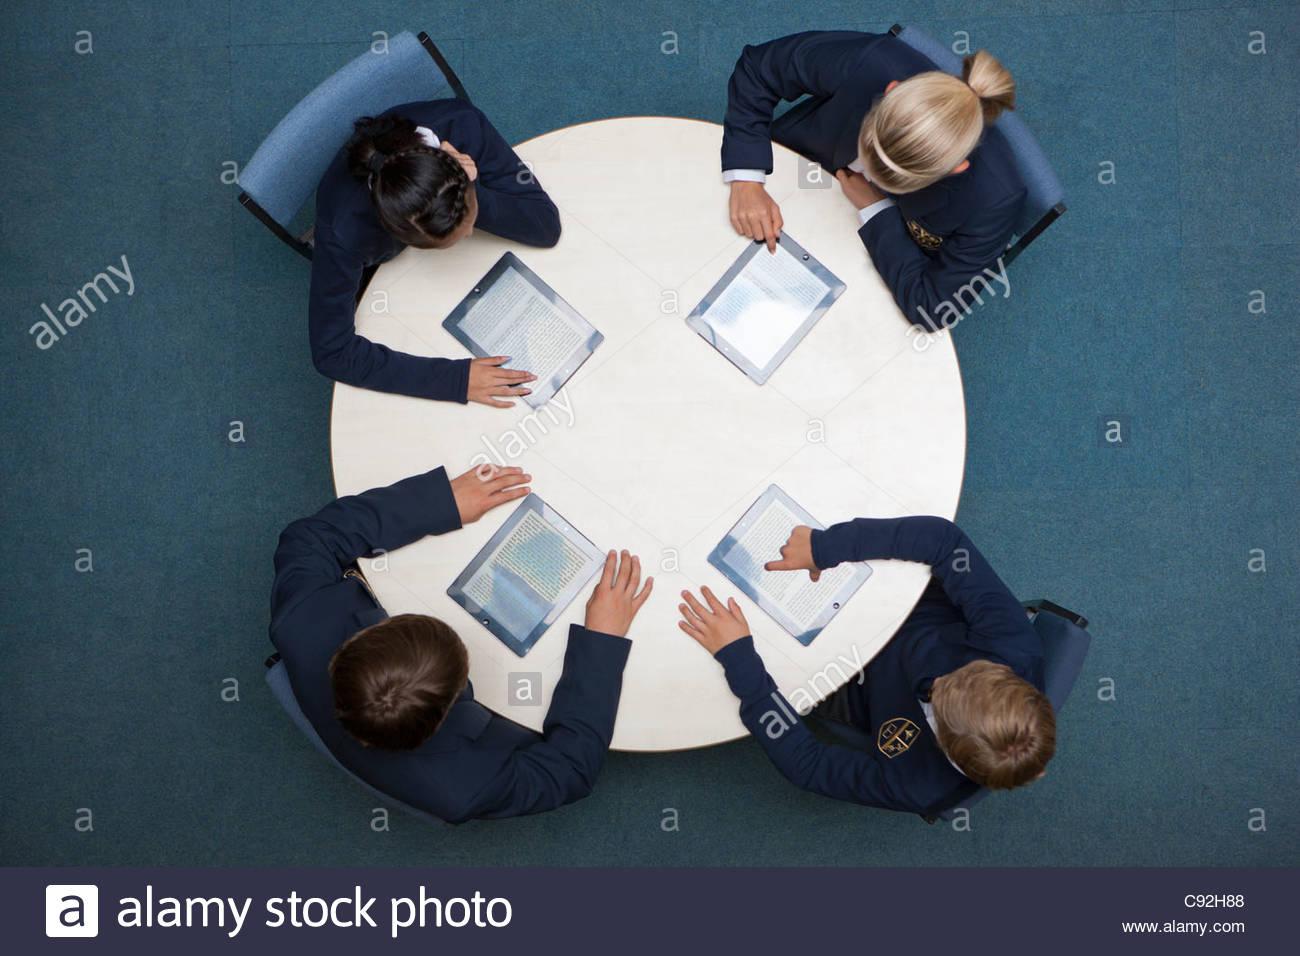 Estudiantes en uniformes escolares con tabletas digitales en mesa redonda Imagen De Stock